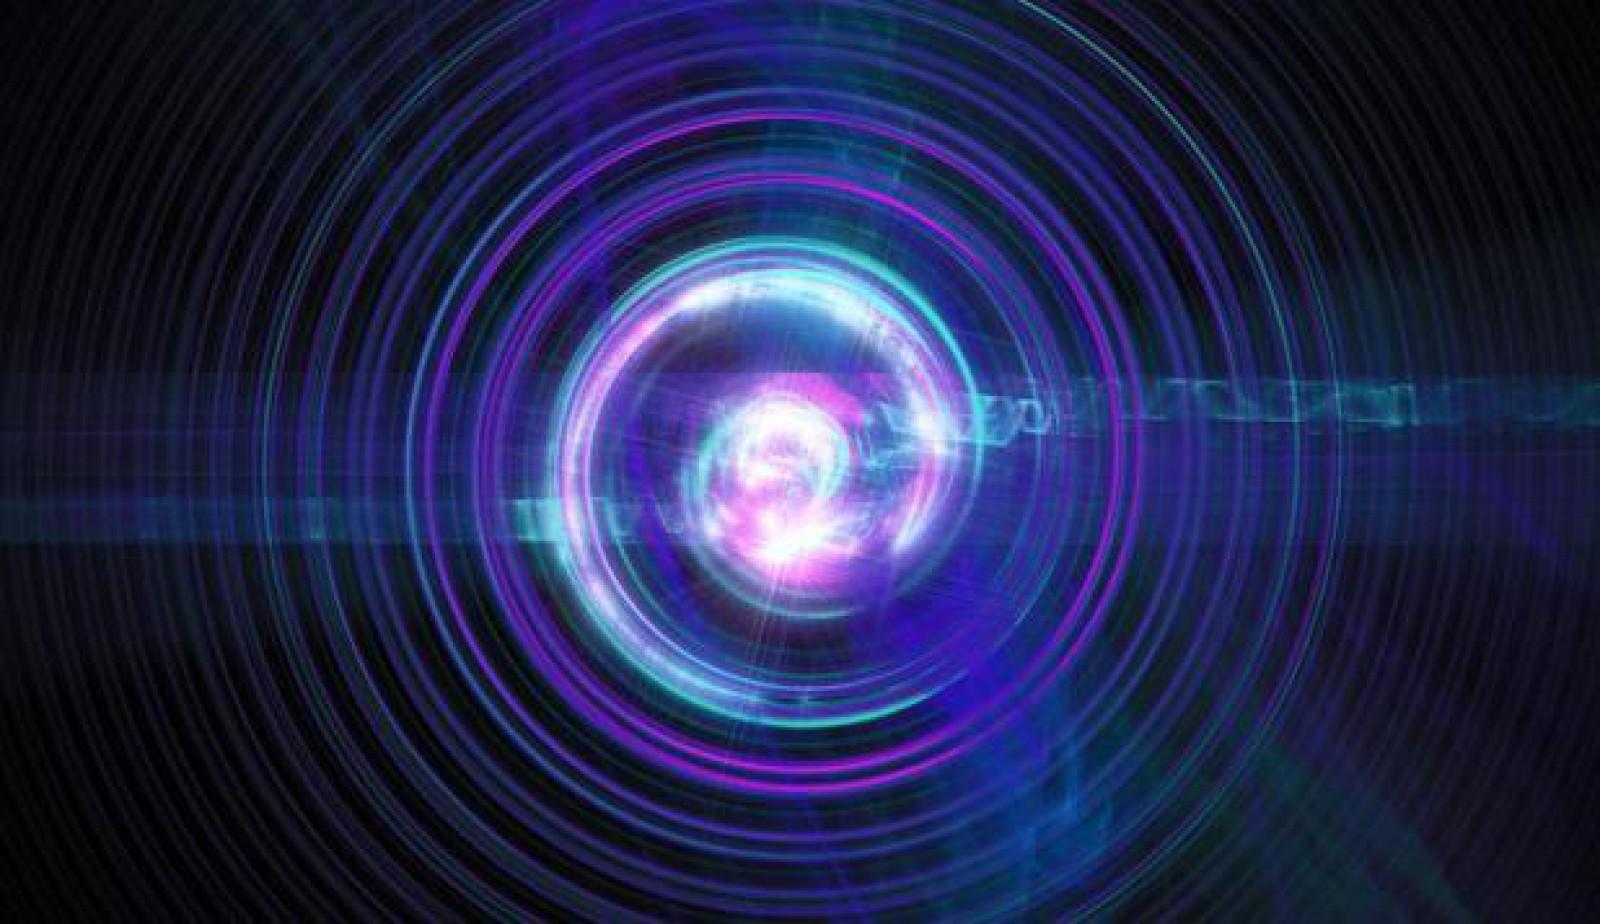 Pentru prima dată, astronomii au putut observa un eveniment rar în Univers